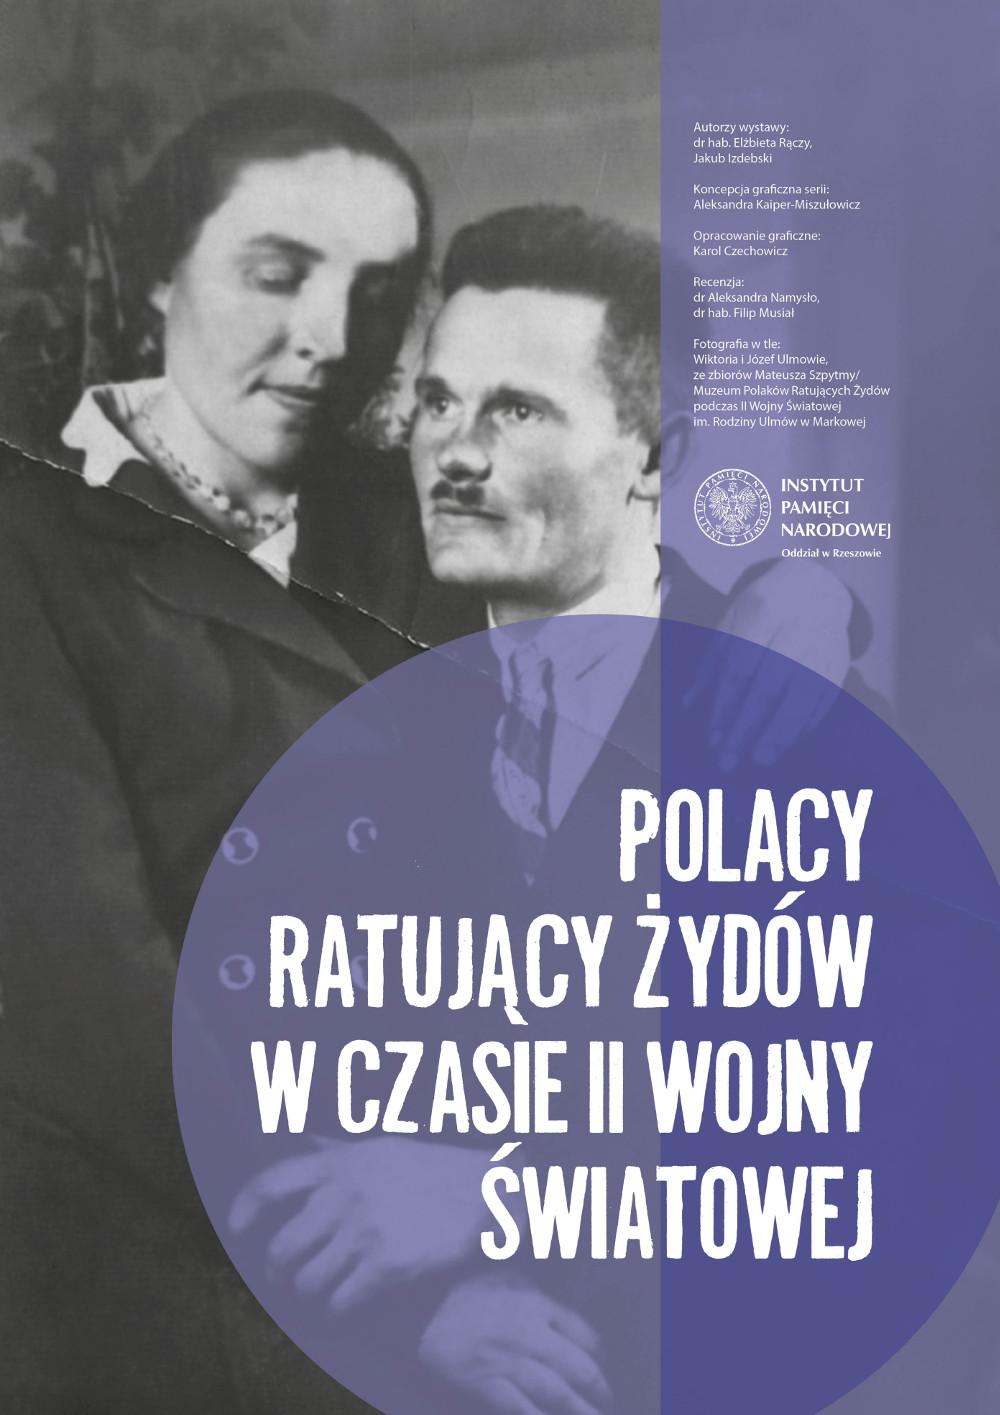 Wystawa_Elementarna_B1_Polacy_ratujacy_Zydow_w_czasie_II_ws1